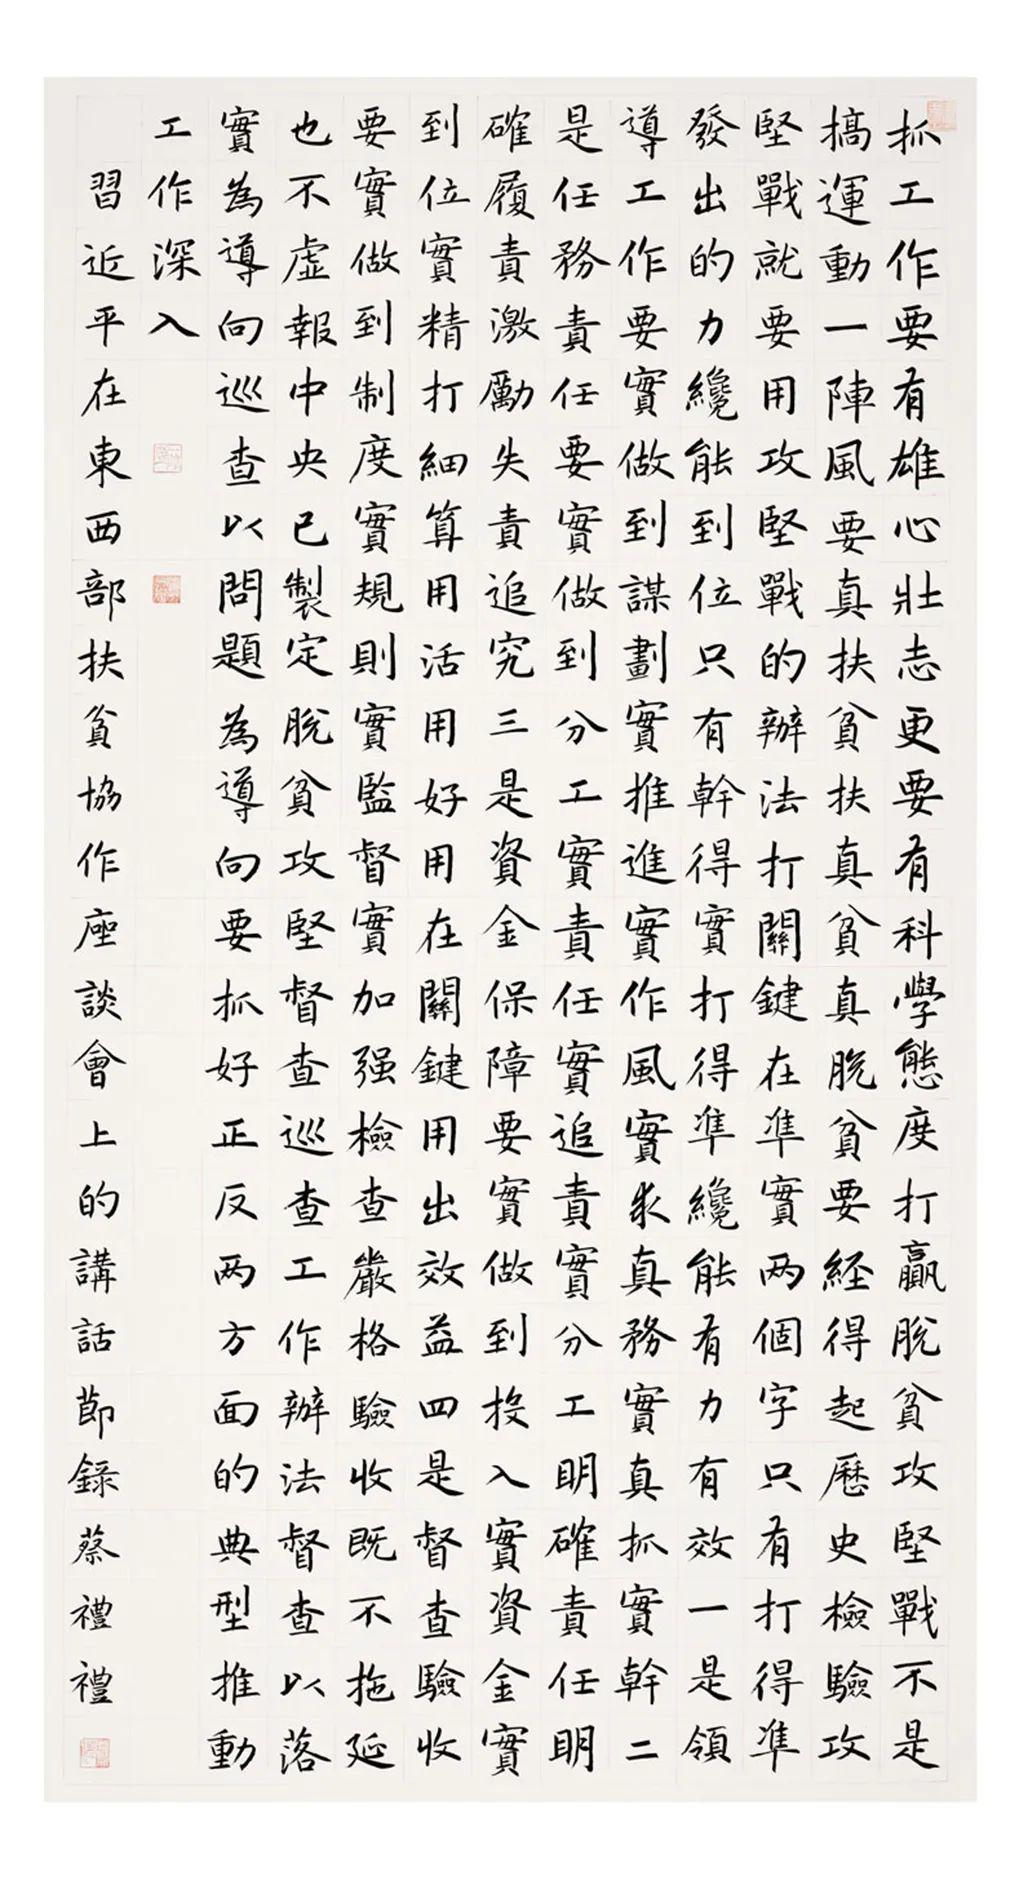 中国力量——全国扶贫书法大展作品 | 第一篇章 :人民至上(图36)